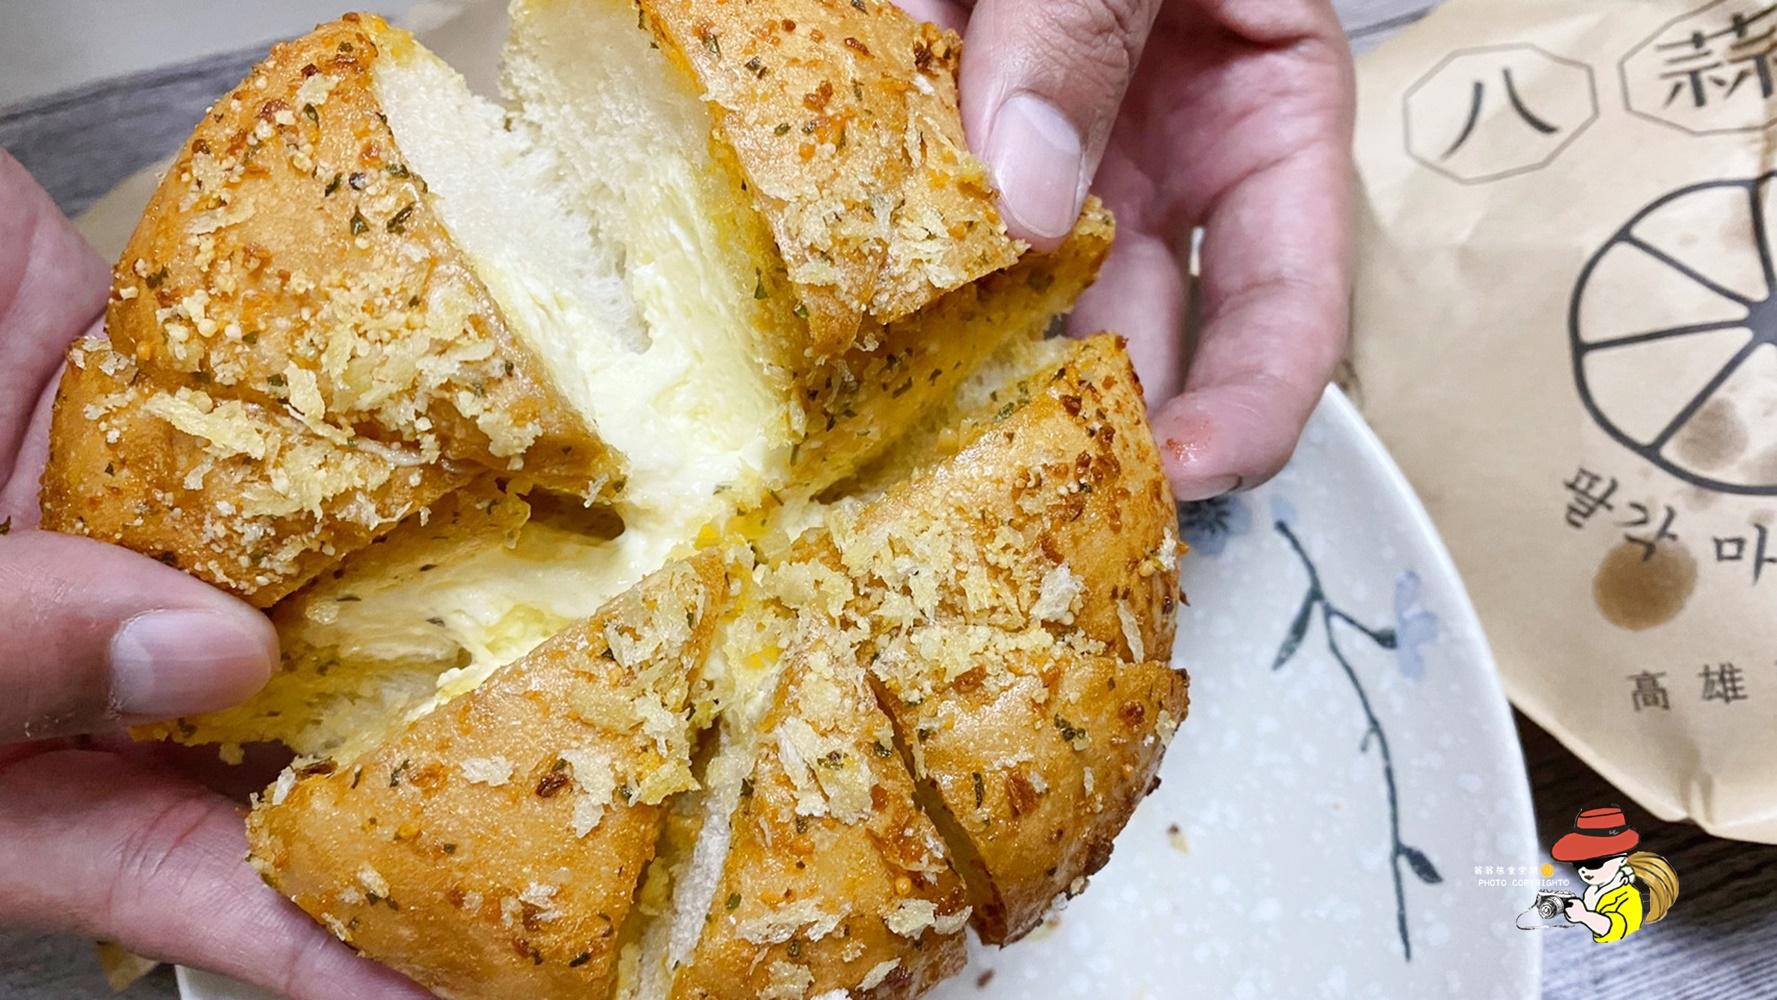 中山美食|懿品乳酪菓子手造所 高雄來的八蒜包進駐台北 高雄八蒜包